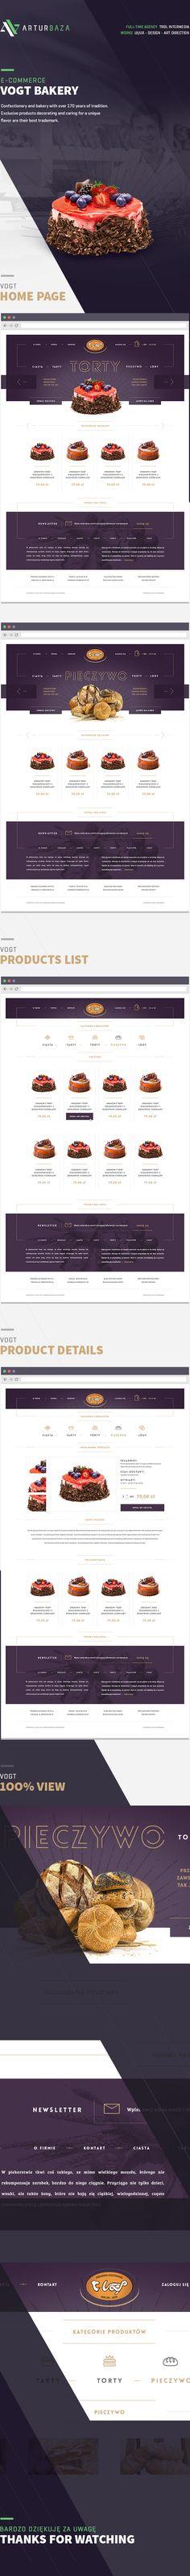 VOGT Bakery e-commerce on Web Design Served